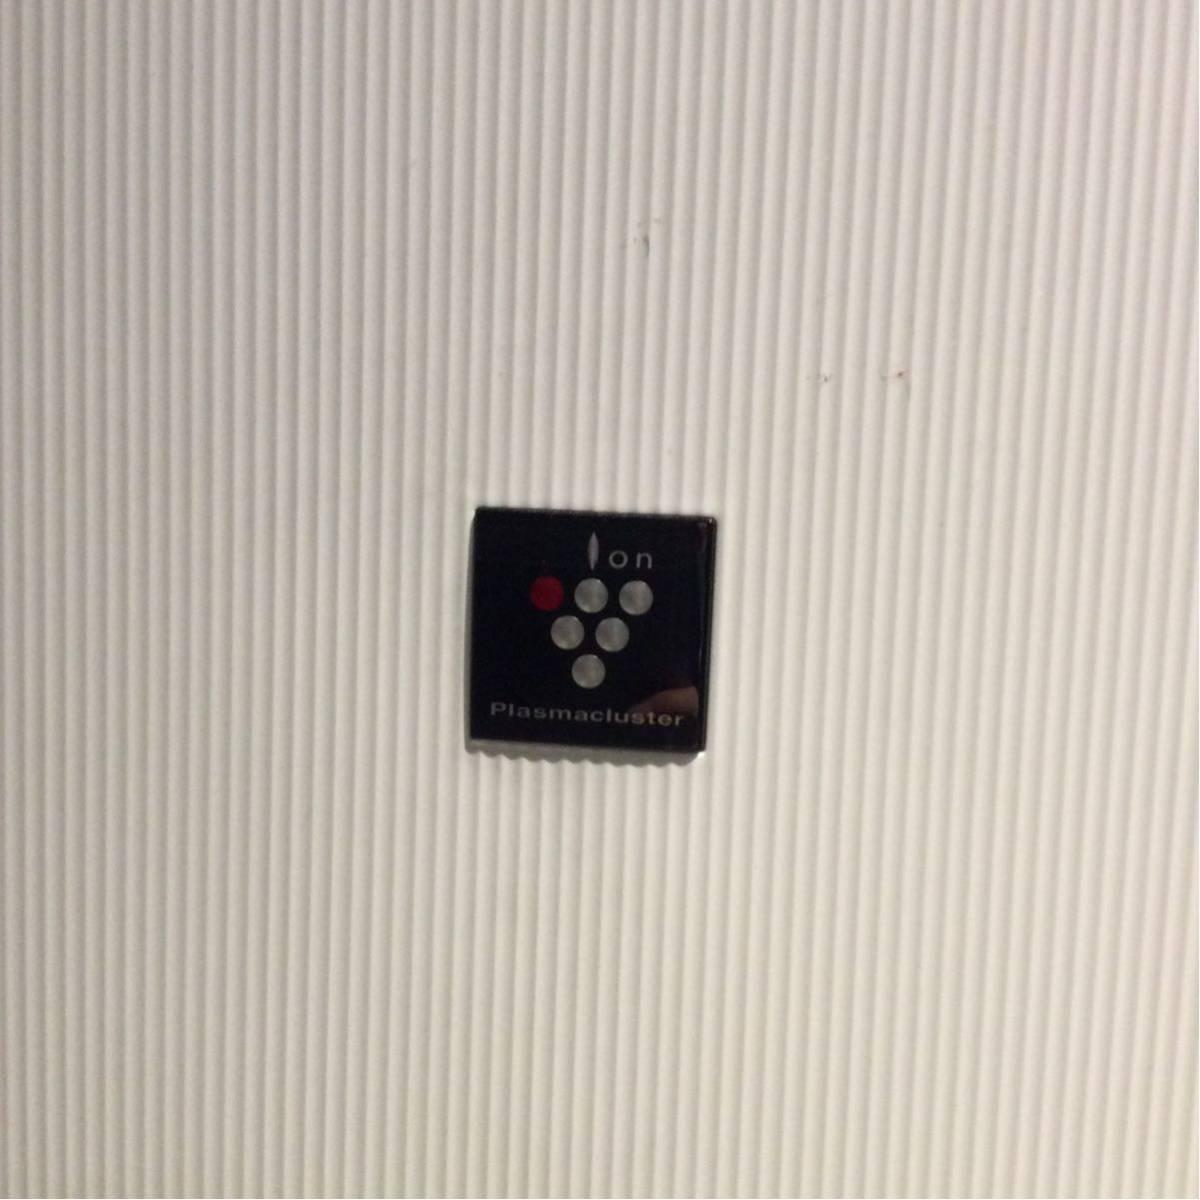 1円~ 動作OK シャープ SHARP KC-E40 加湿空気清浄機 プラズマクラスター 加湿器 空気清浄機 2015年製 120サイズ (176)_画像3